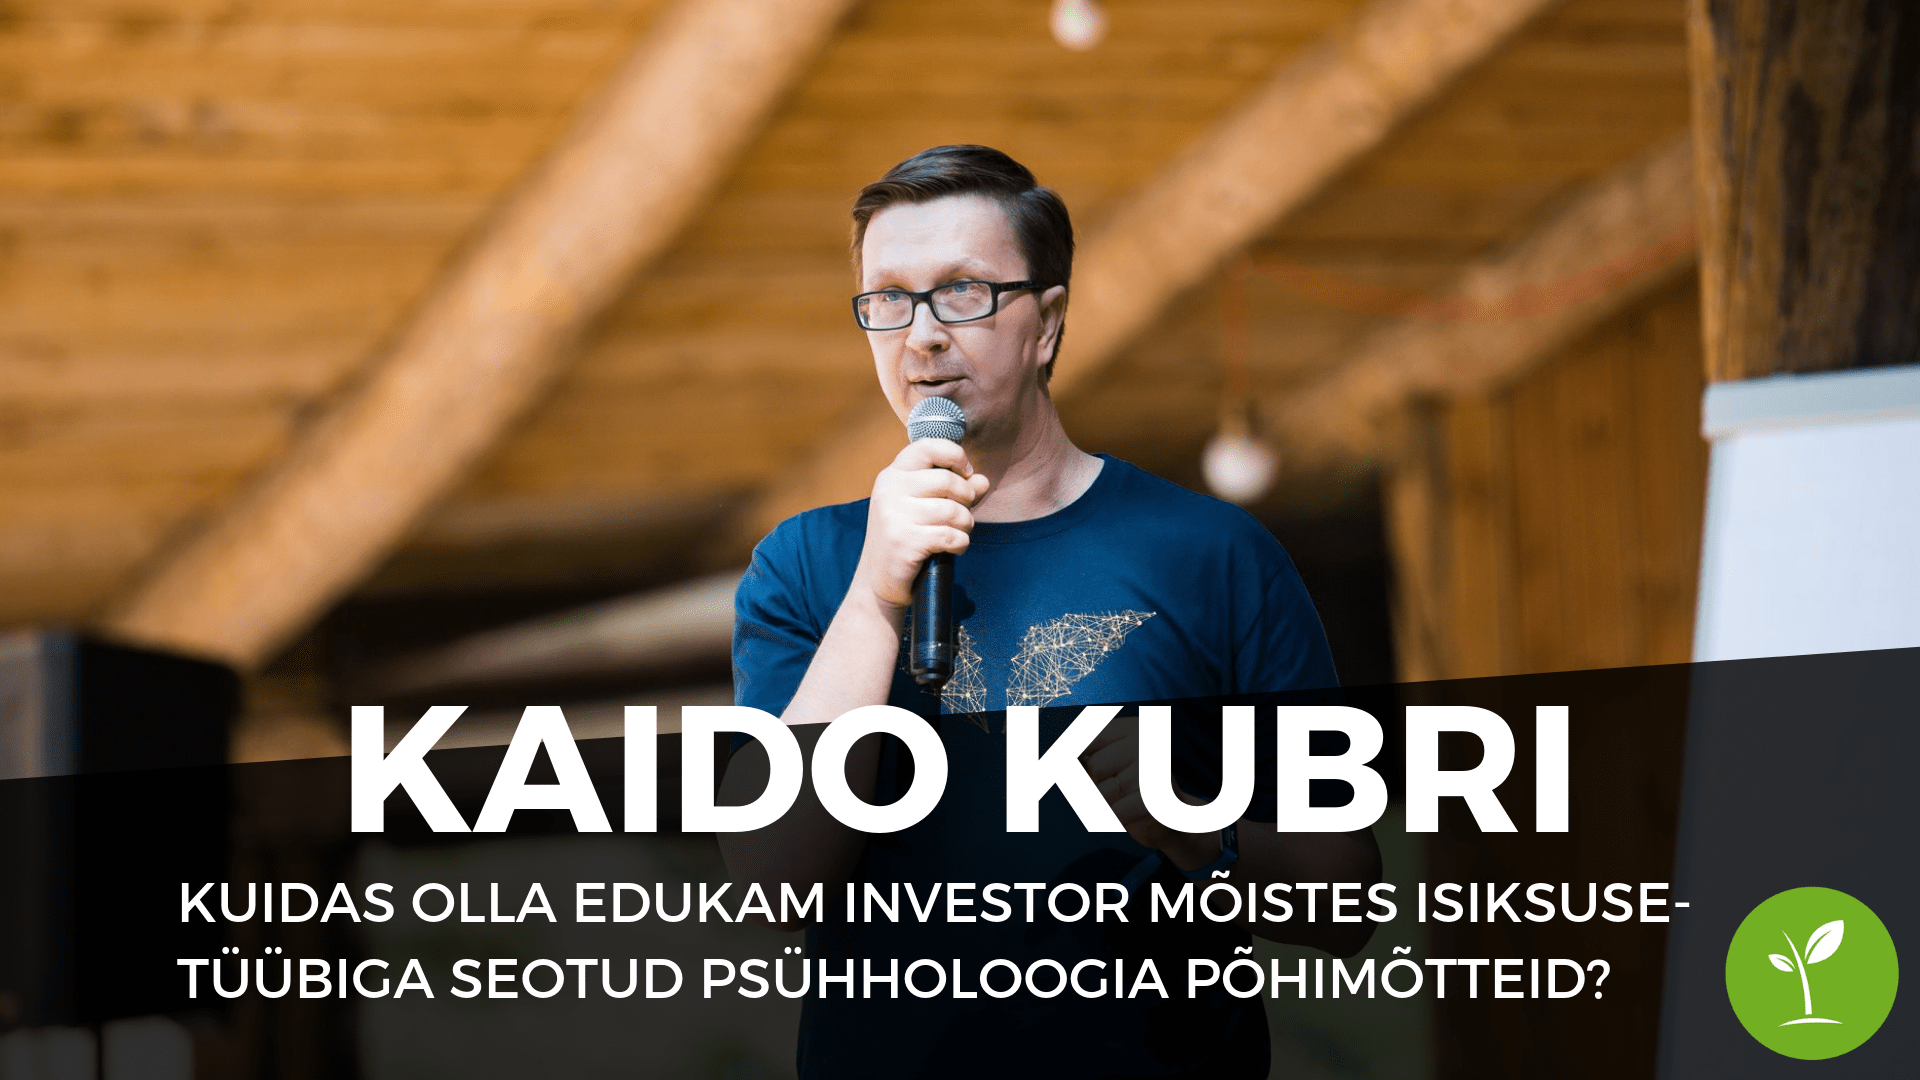 Kaido Kubri - Kuidas olla edukam investor mõistes isiksusetüübiga seotud psühholoogia põhimõtteid